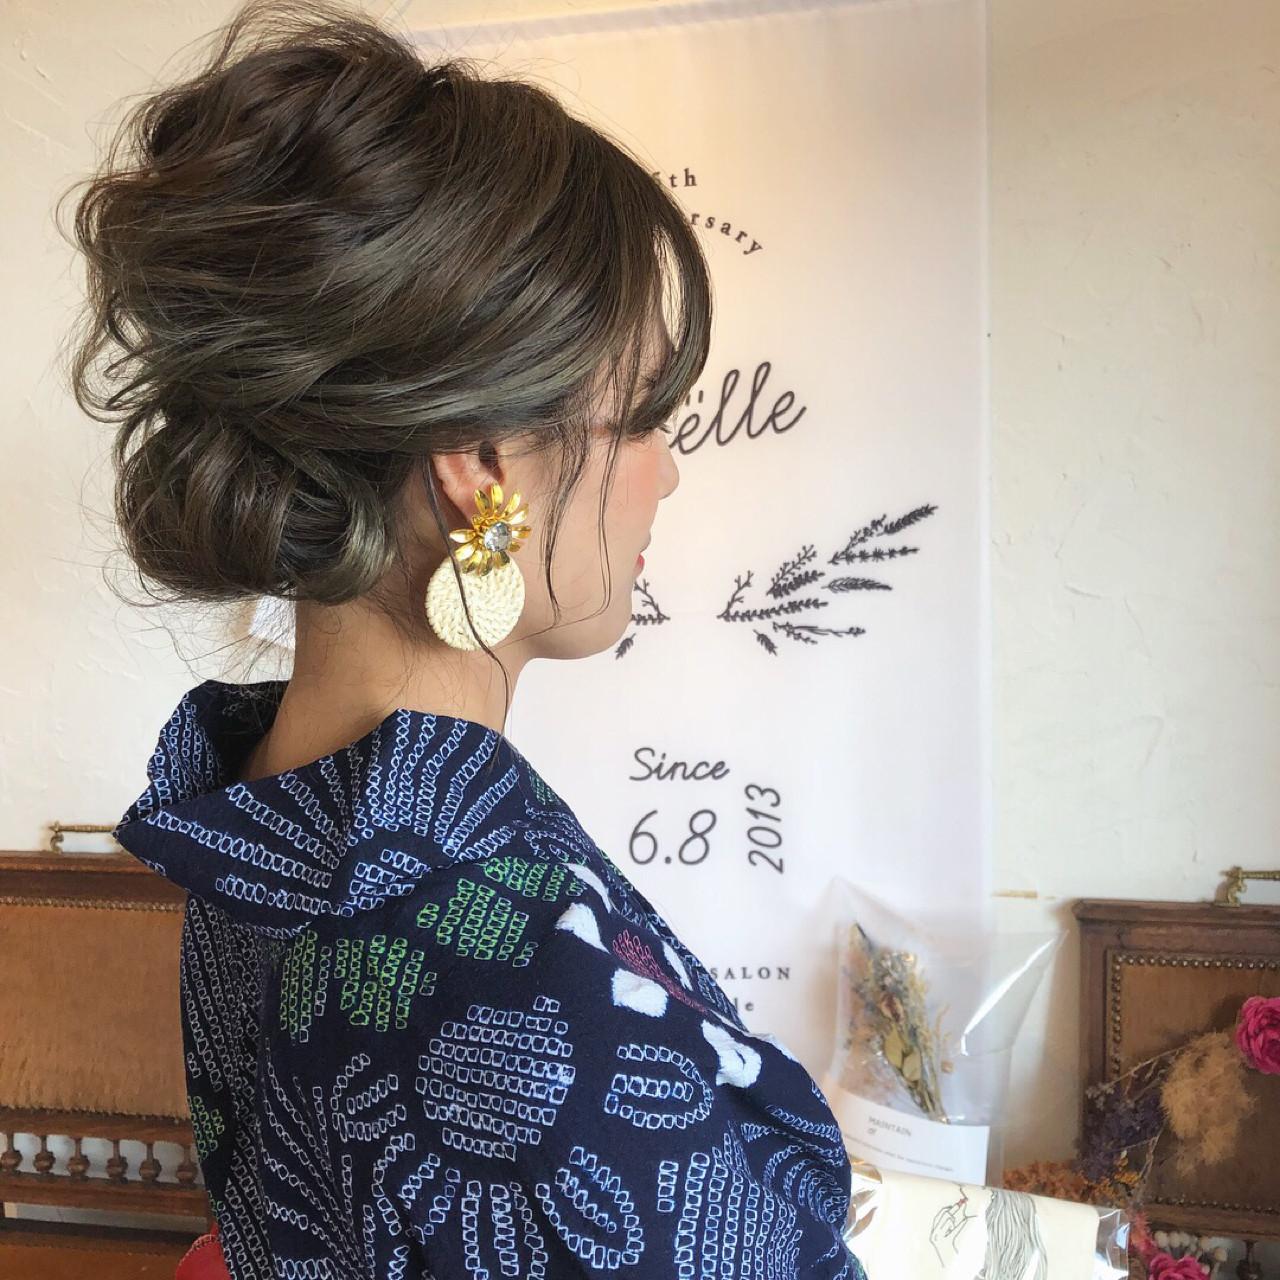 ミディアムボブならお団子スタイルも 川内道子 instagram→michiko_k